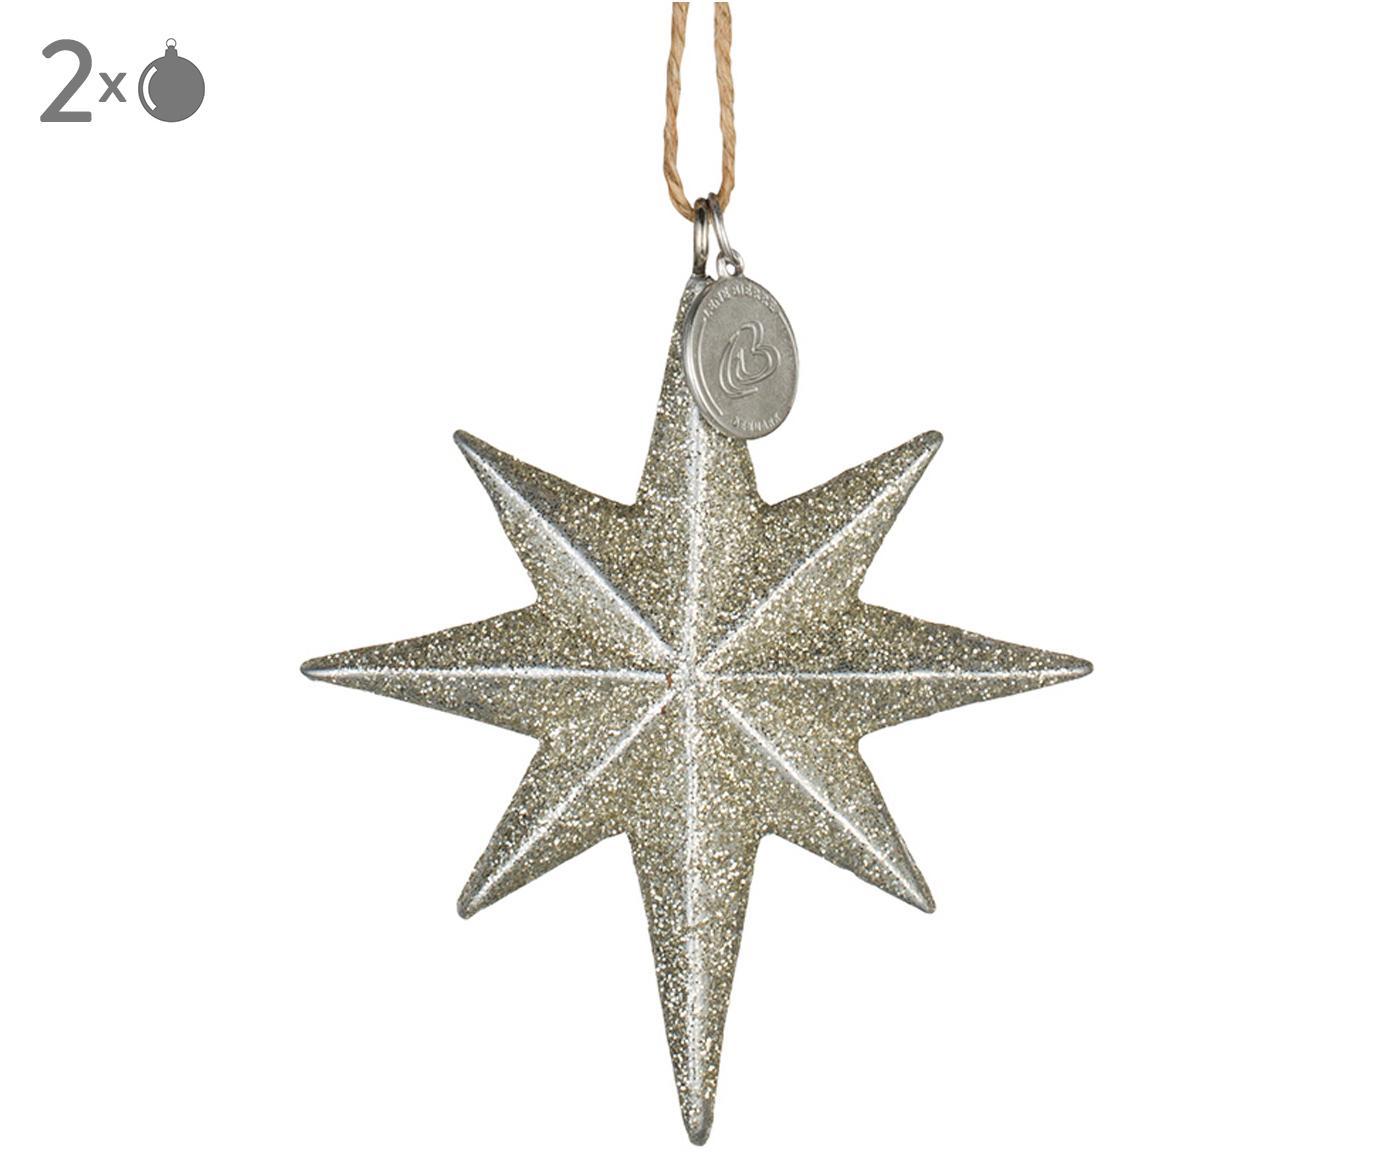 Baumanhänger Serafina Star, 2 Stück, Goldfarben, 7 x 8 cm